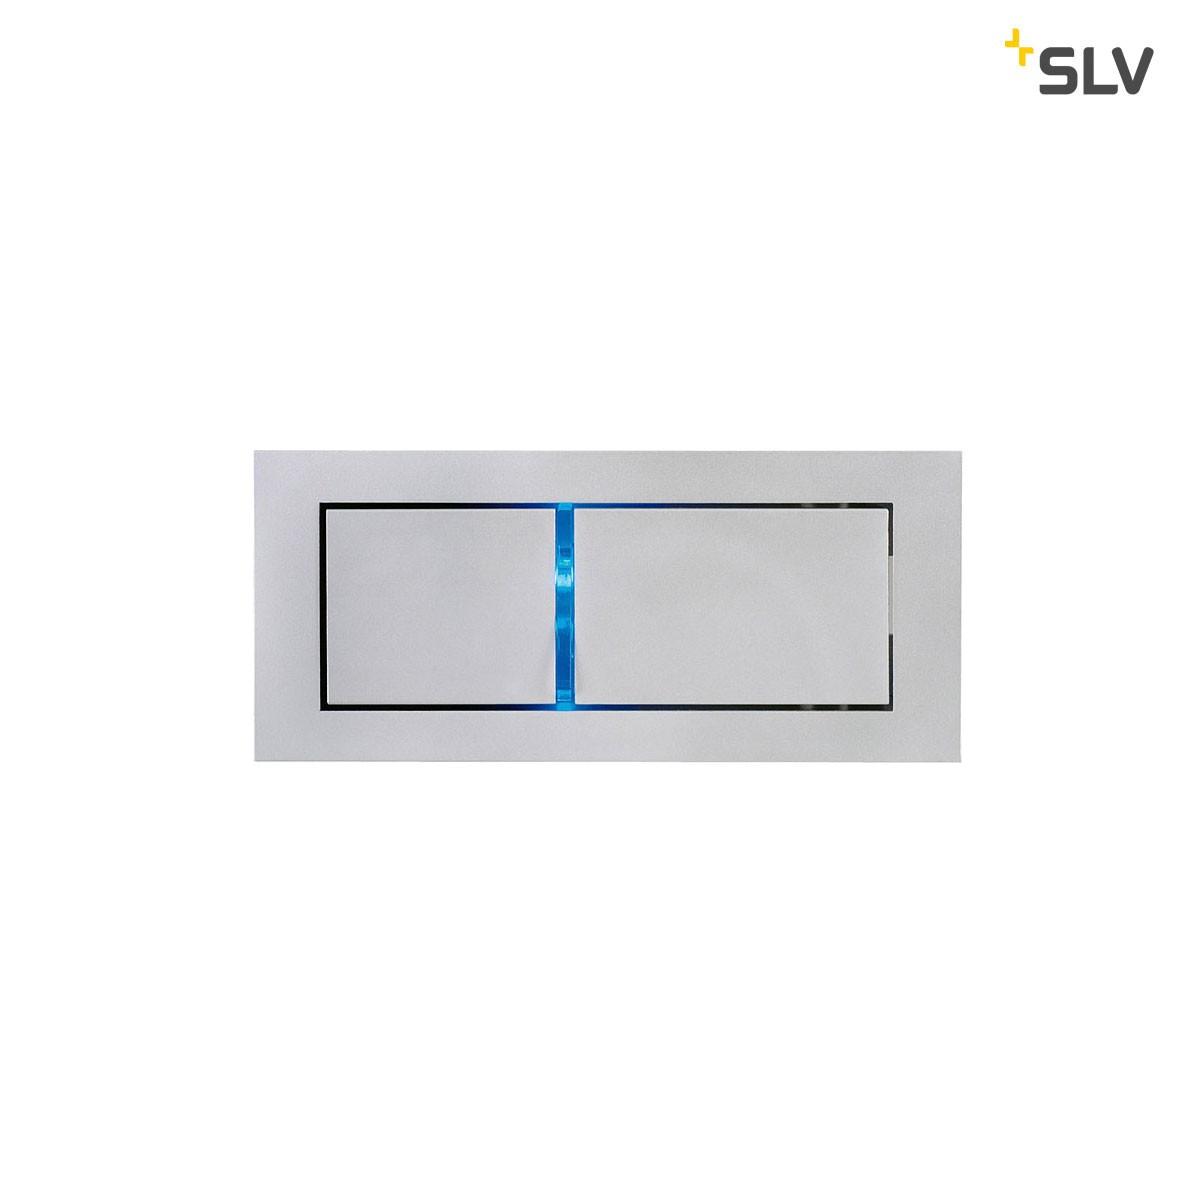 SLV Bedside Wandleuchte, Ausführung: links, 3000° K, silbergrau